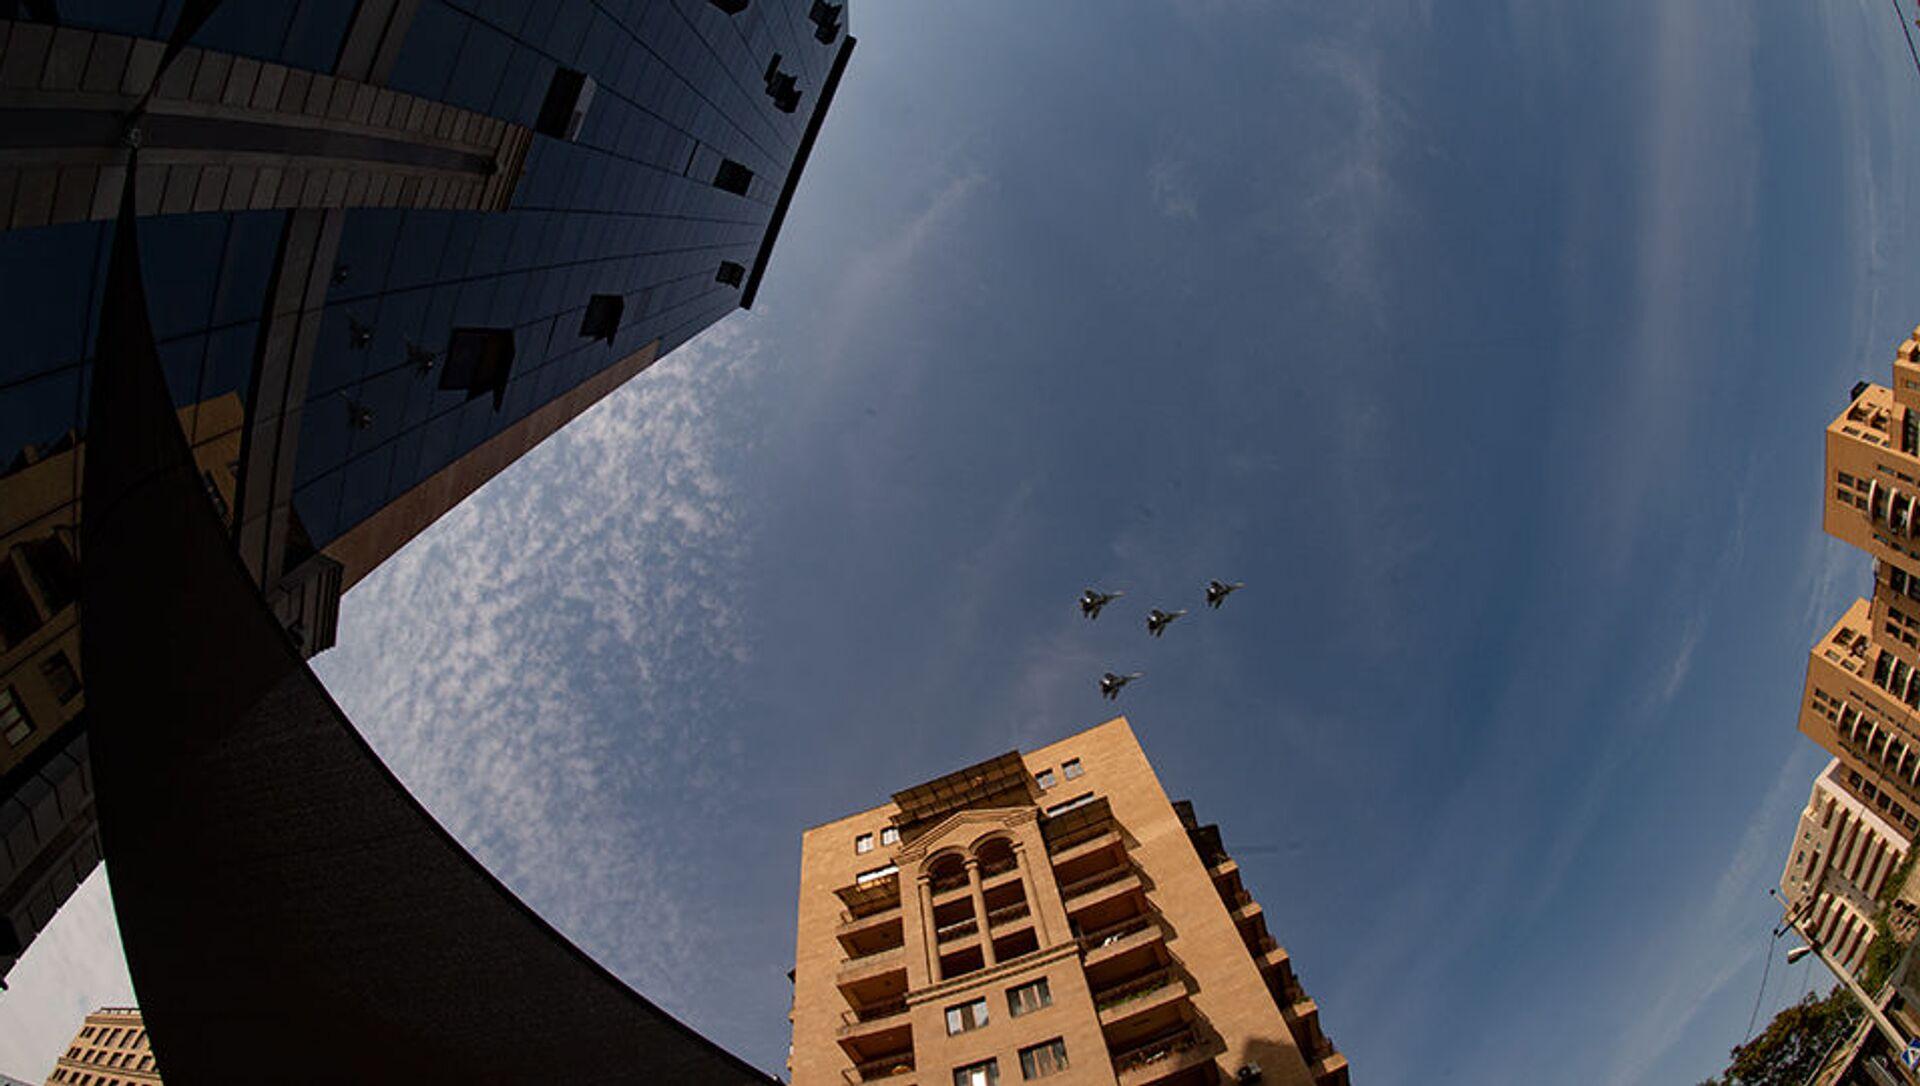 Пролет армянских истребителей в День Независимости (21 сентября 2020). Еревaн - Sputnik Արմենիա, 1920, 25.02.2021